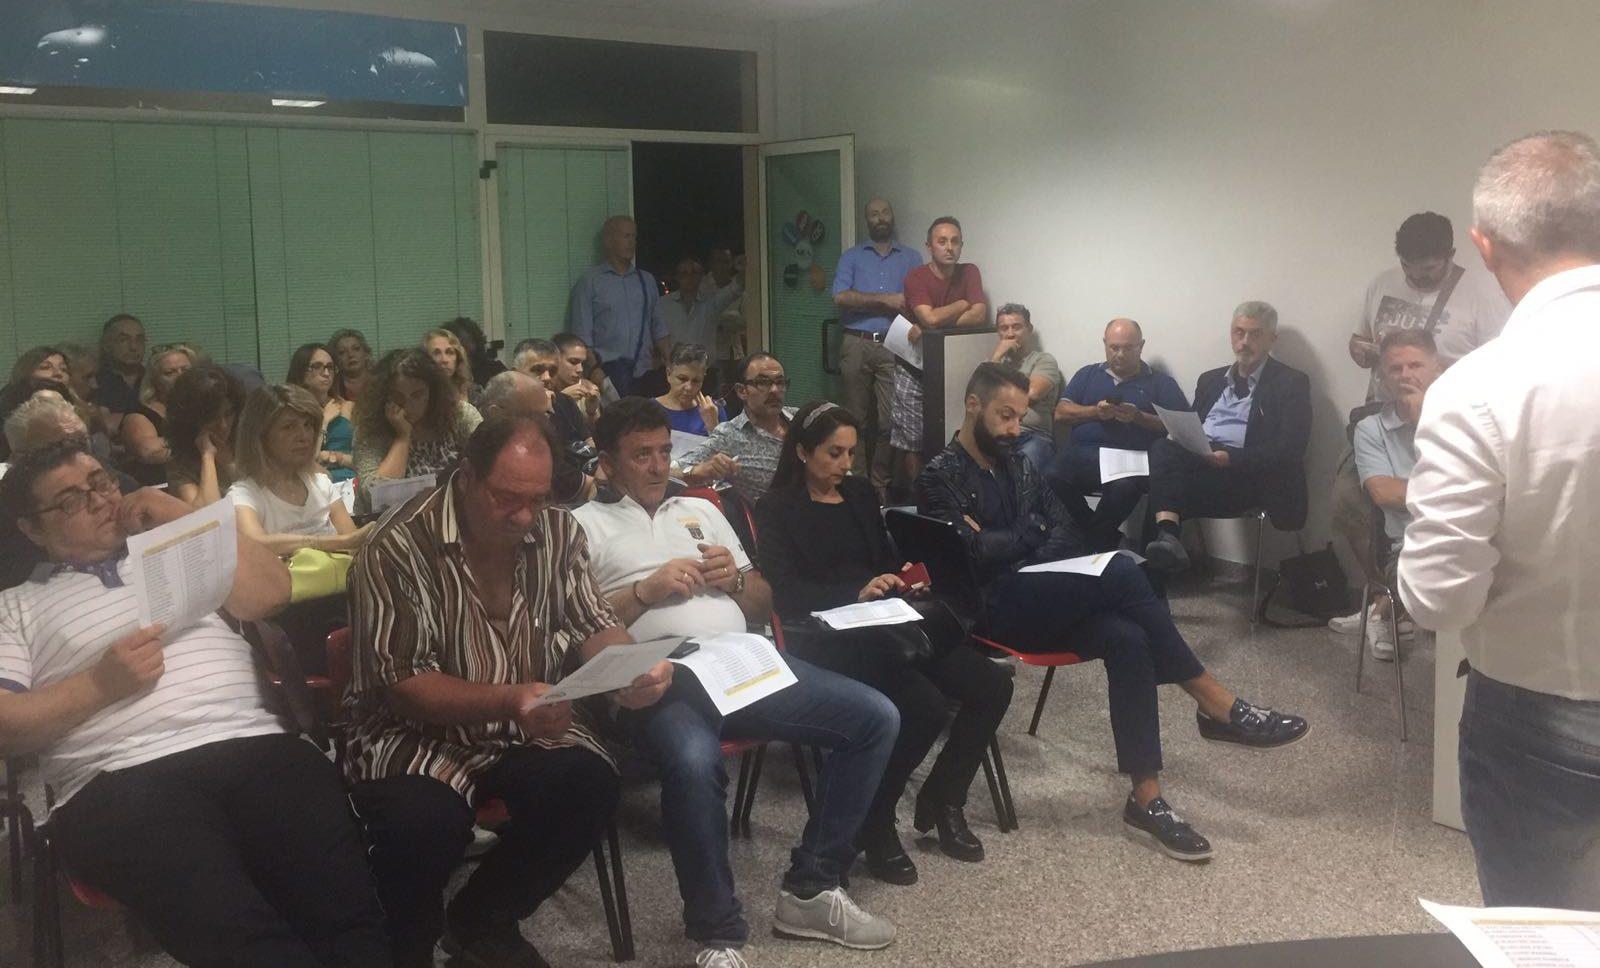 Convocazione dell'Assemblea dei Soci in seduta straordinaria